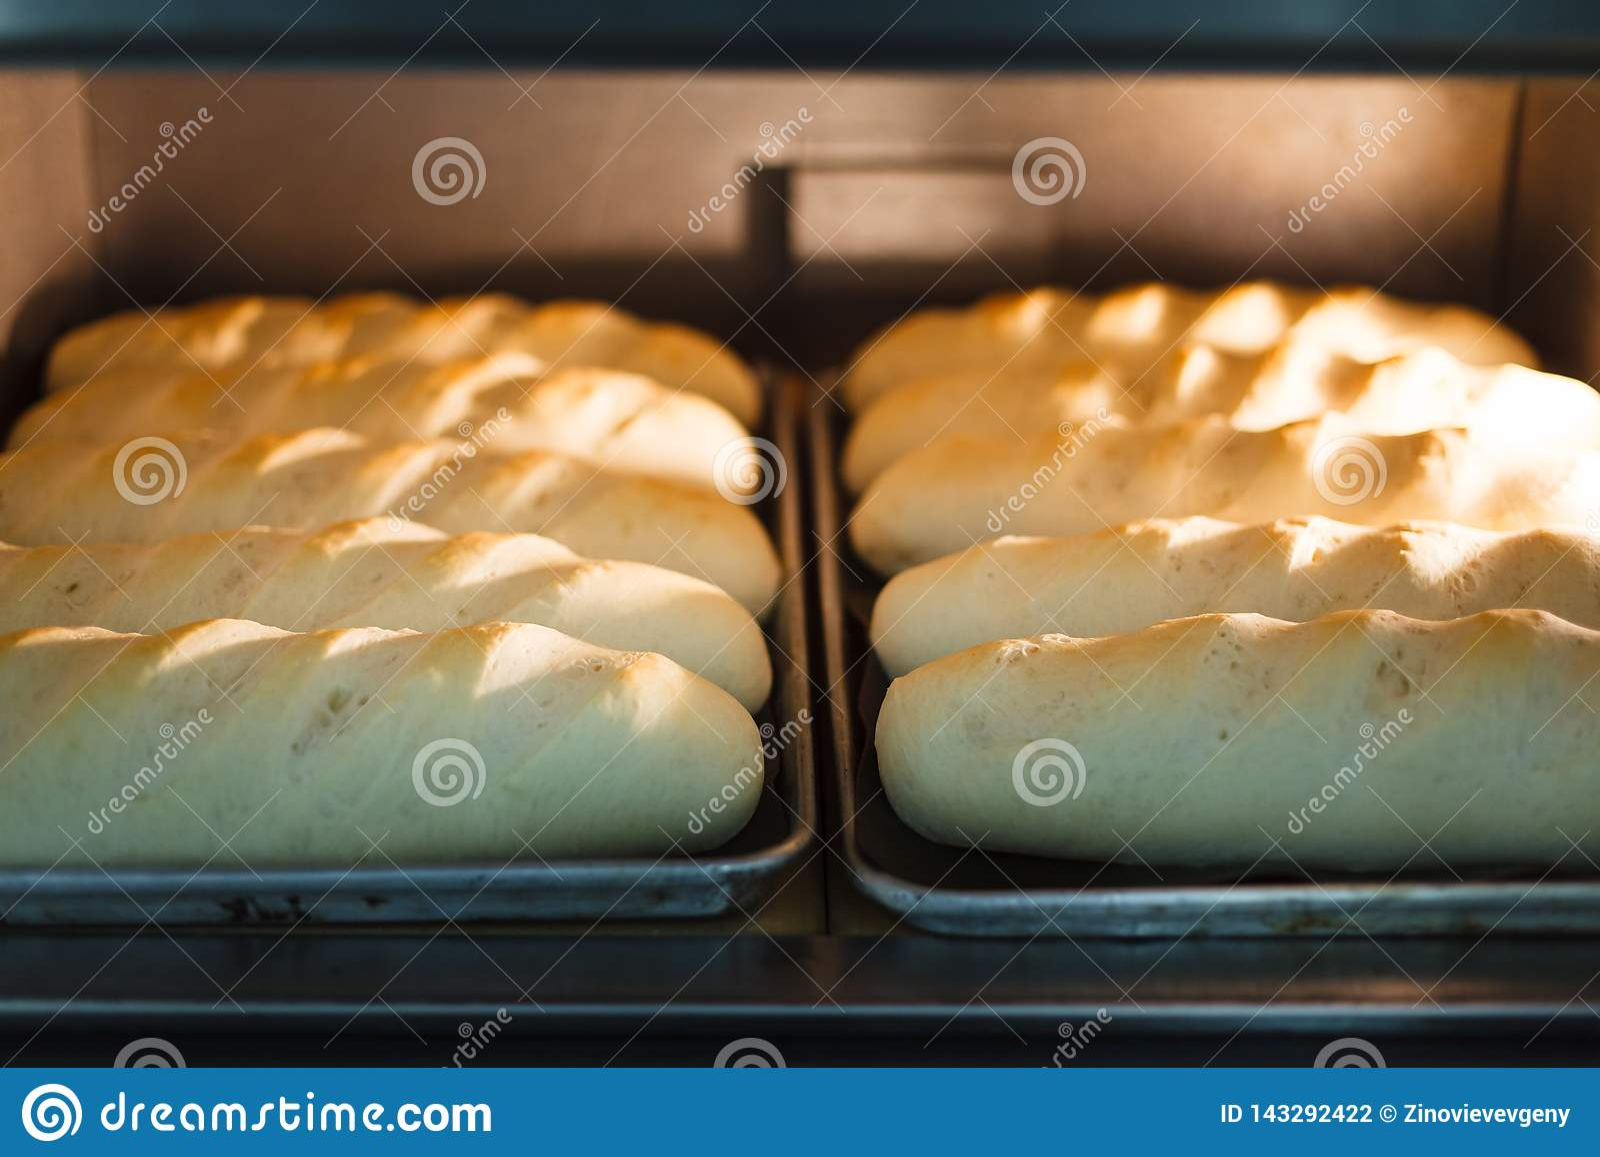 Chleb w piekarniku piec w procesie